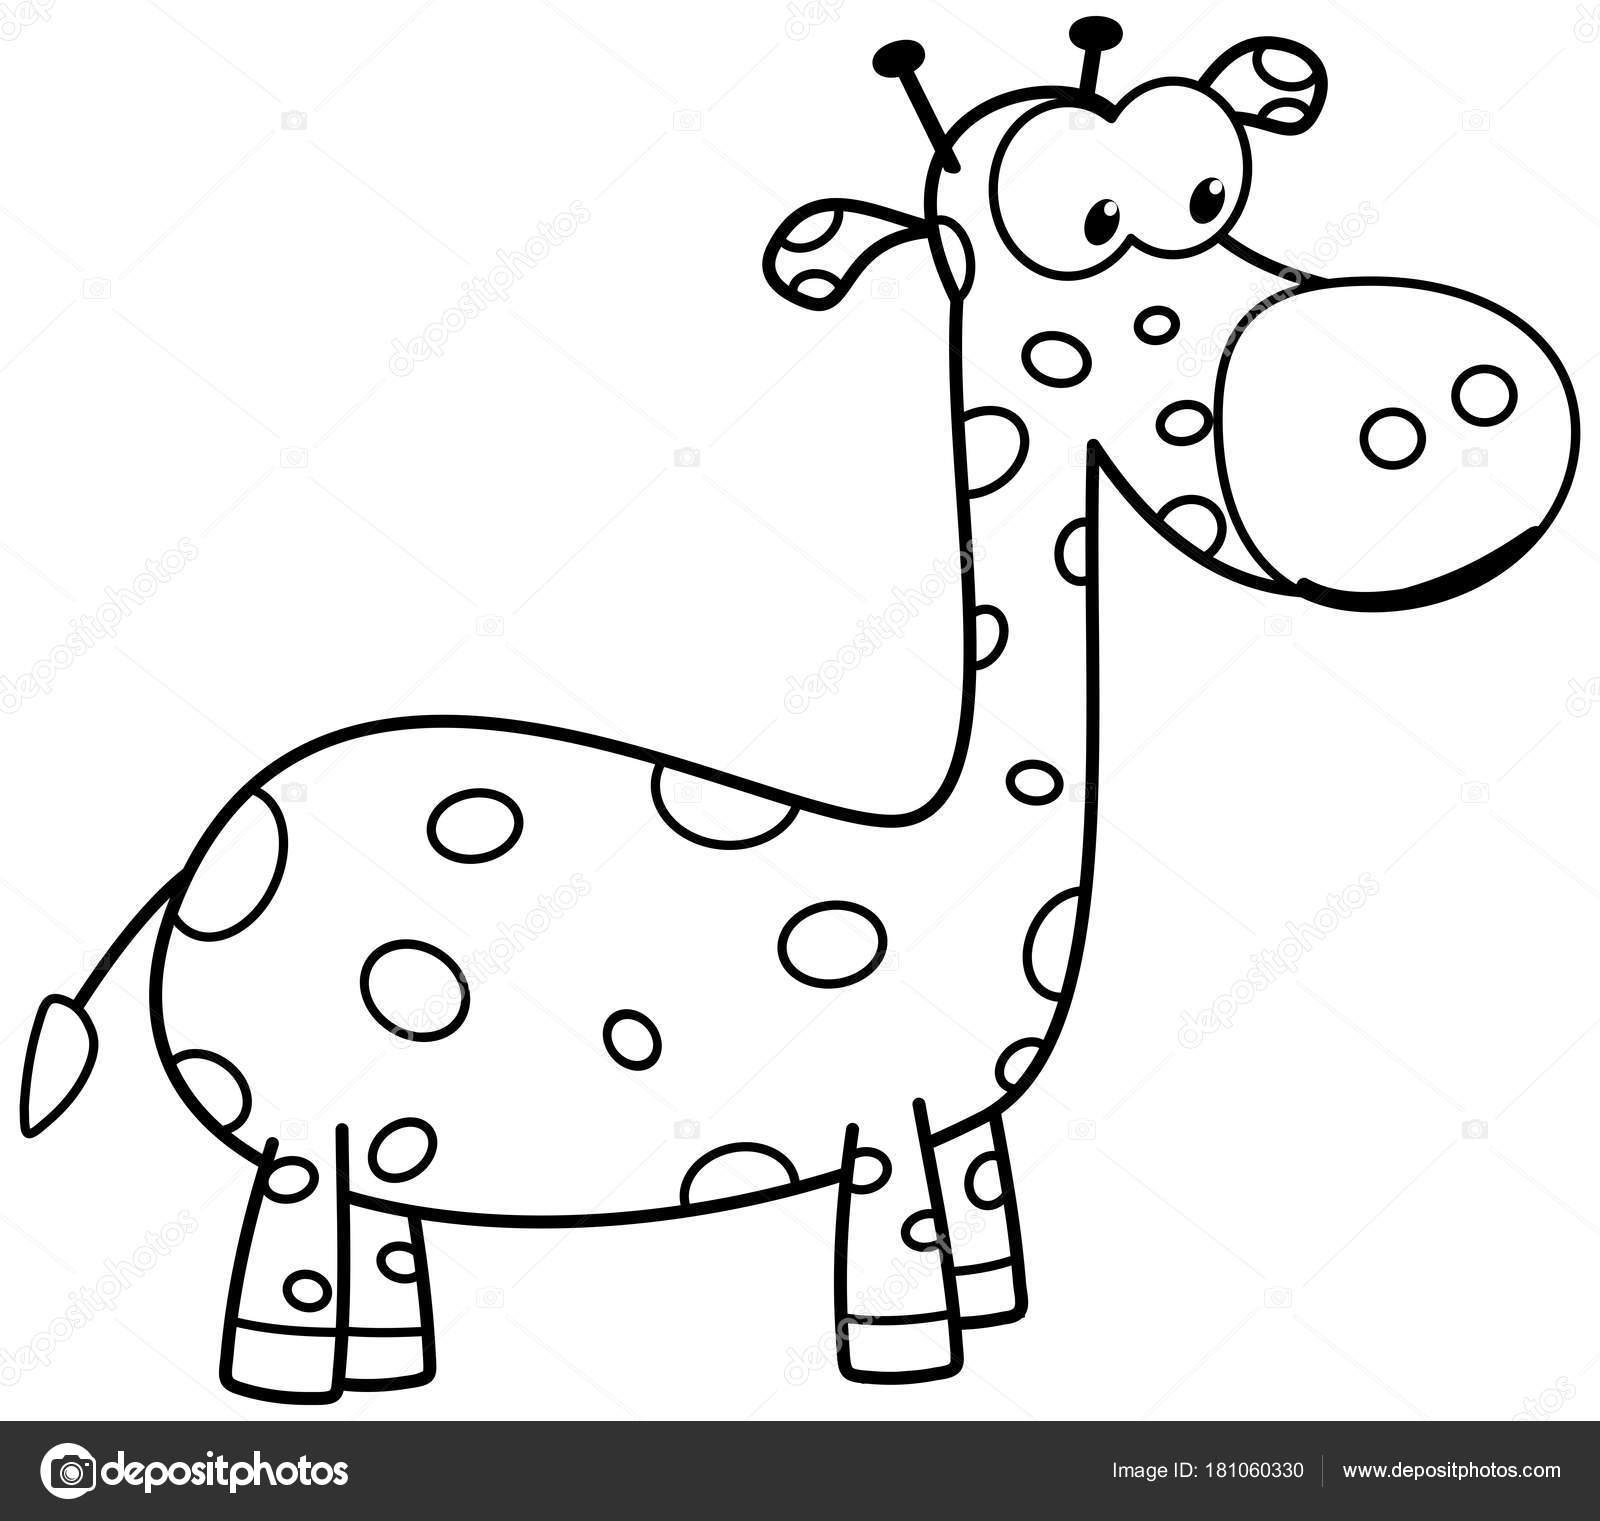 bilder zum ausmalen giraffe  kostenlos zum ausdrucken